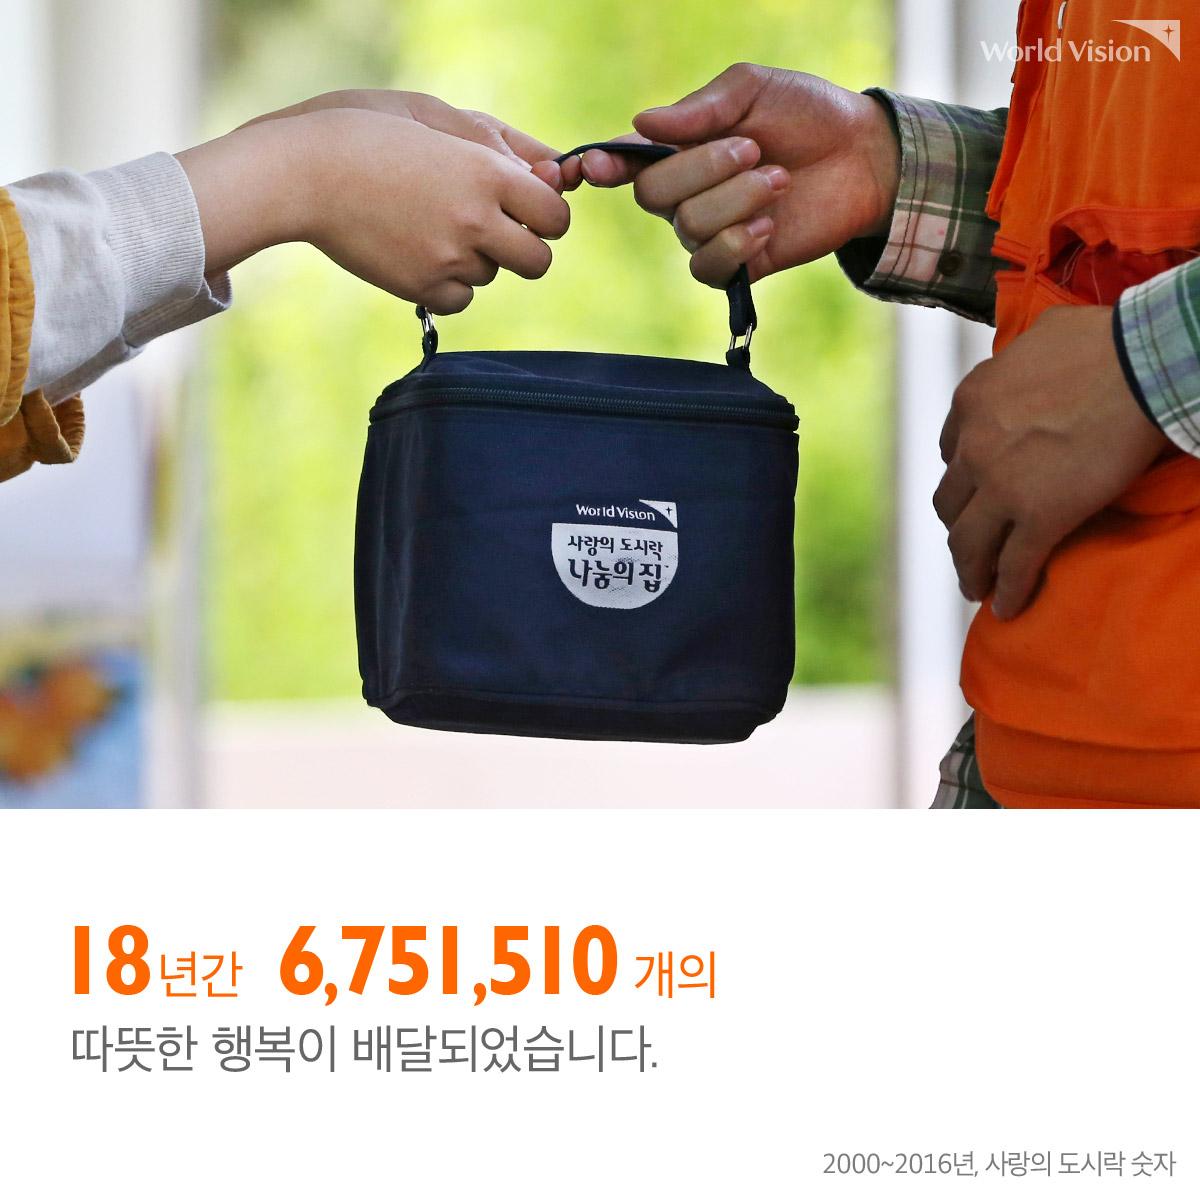 18년간 6,751,510개의 따뜻한 행복이 배달되었습니다. (2000~2016년, 사랑의 도시락 숫자)